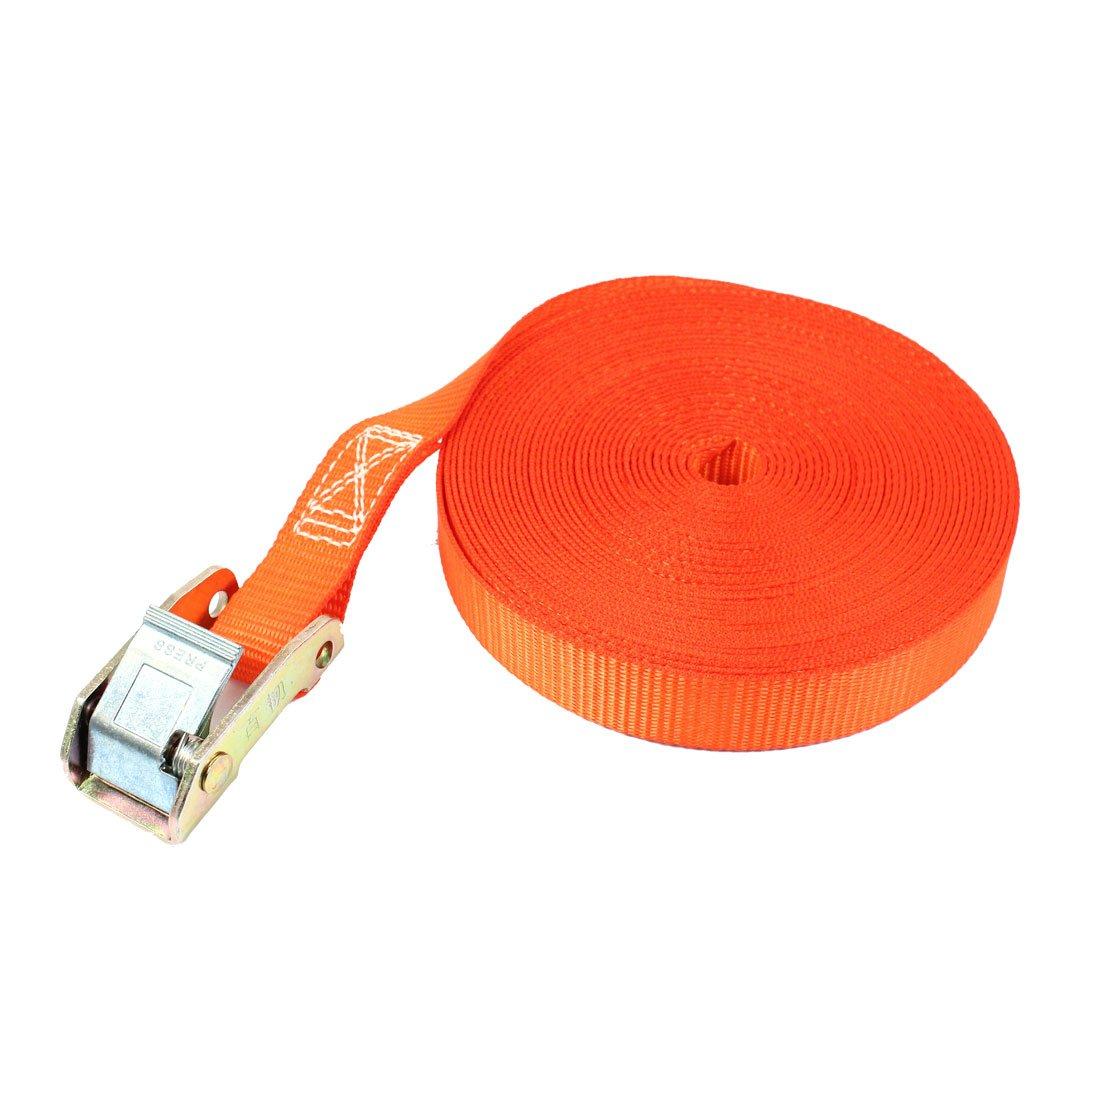 Aexit Auto Baumarkt Waren Gep/äckst/ücke Spannen Gurtschloss Spanngurt 10 m x 25 Eisenwaren mm Orange